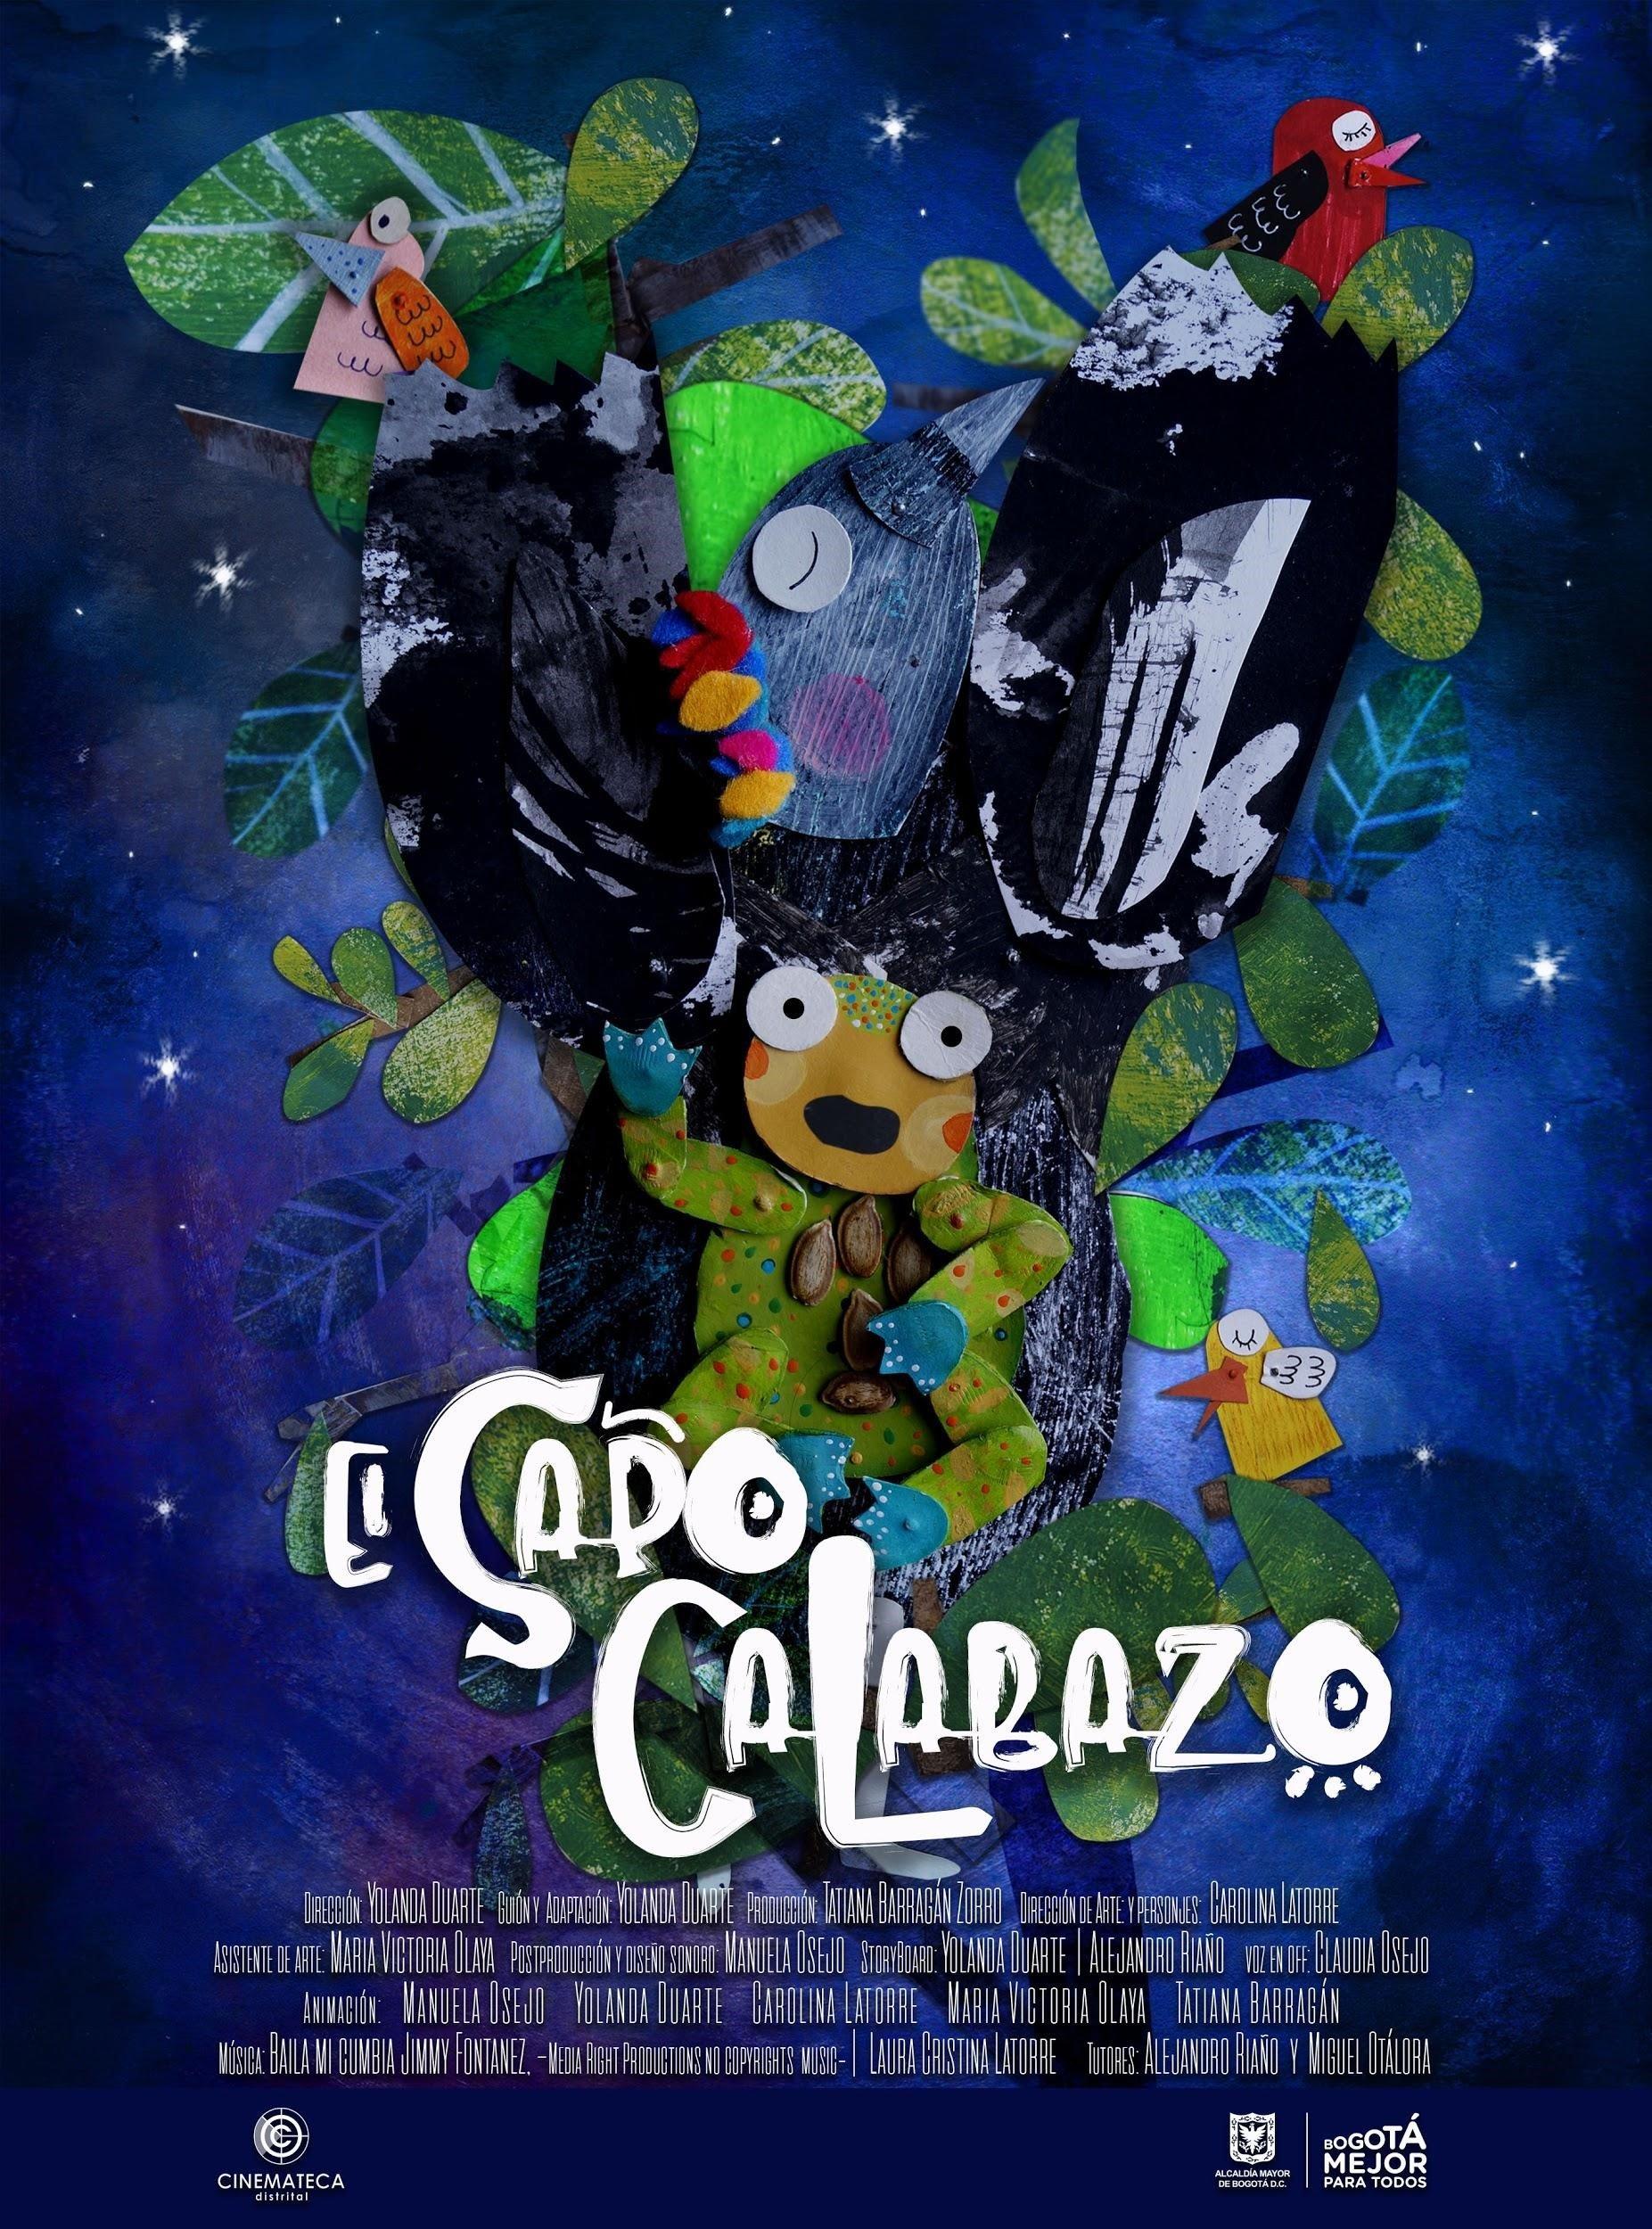 Conozca las historias bogotanas que estrena Cinemateca Rodante - 5-2